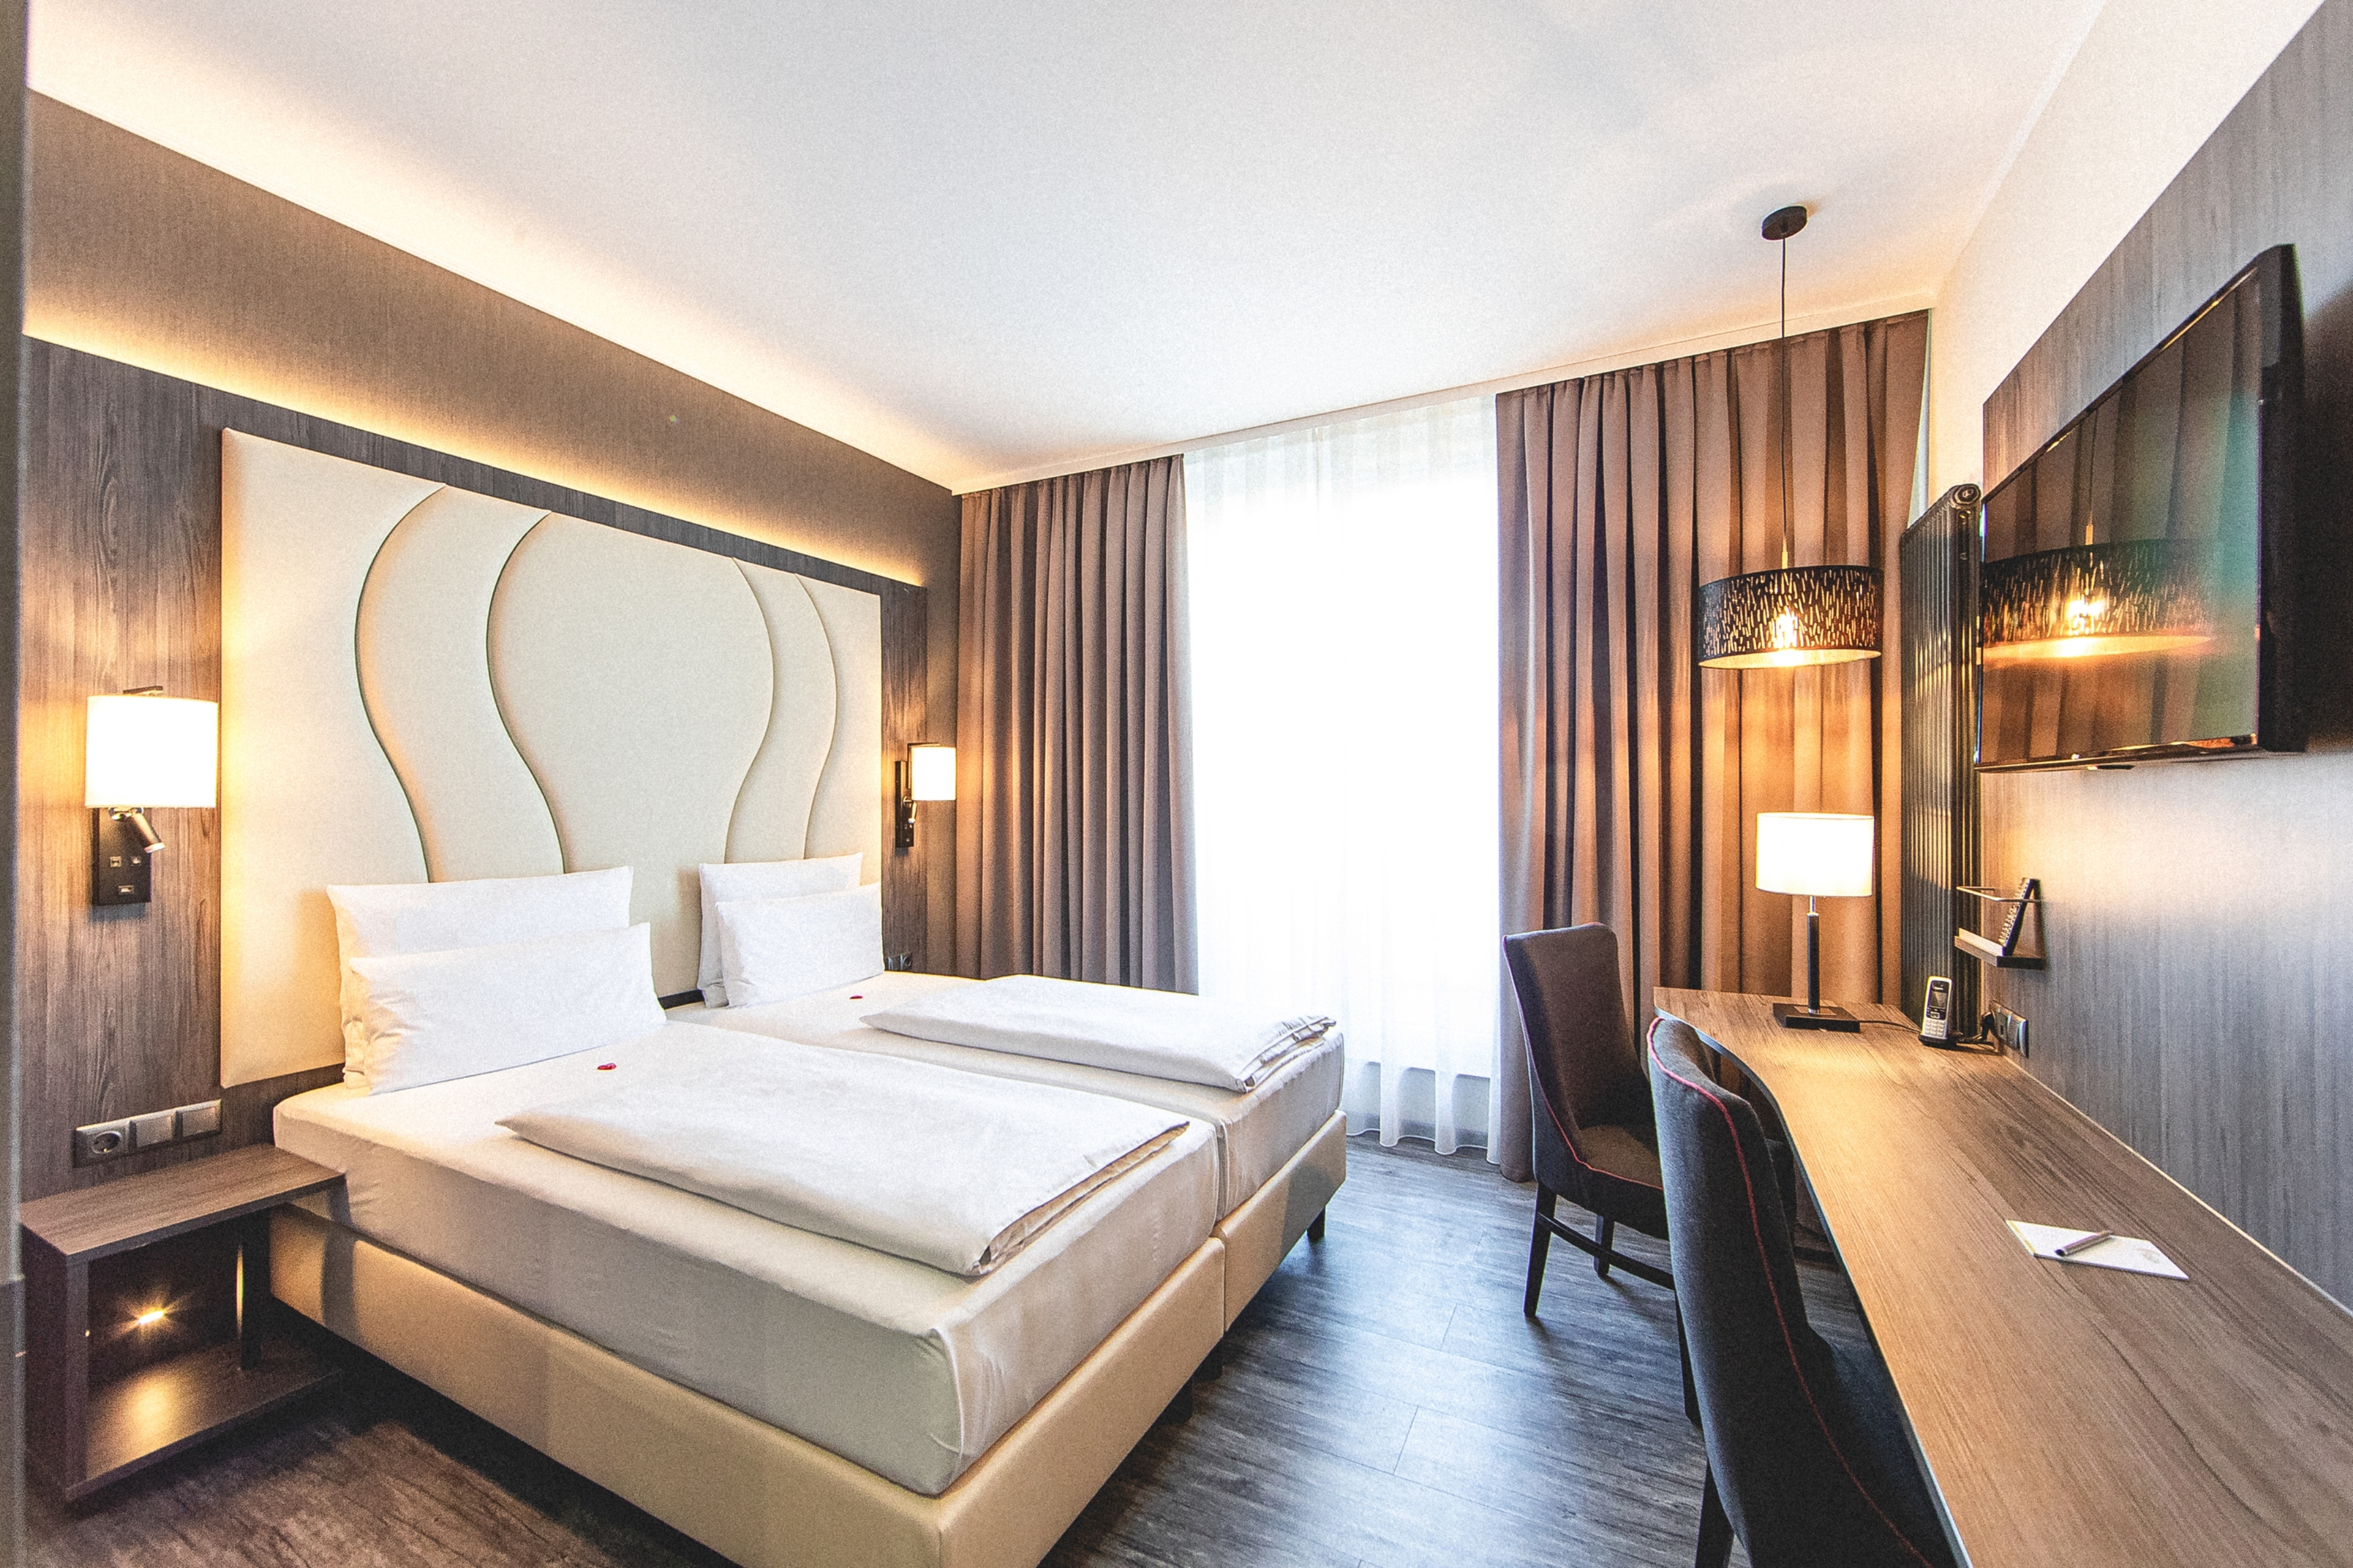 Hotel Rheinstetten Finden Sie Bequem Ihr Hotelzimmer Im Hotel In